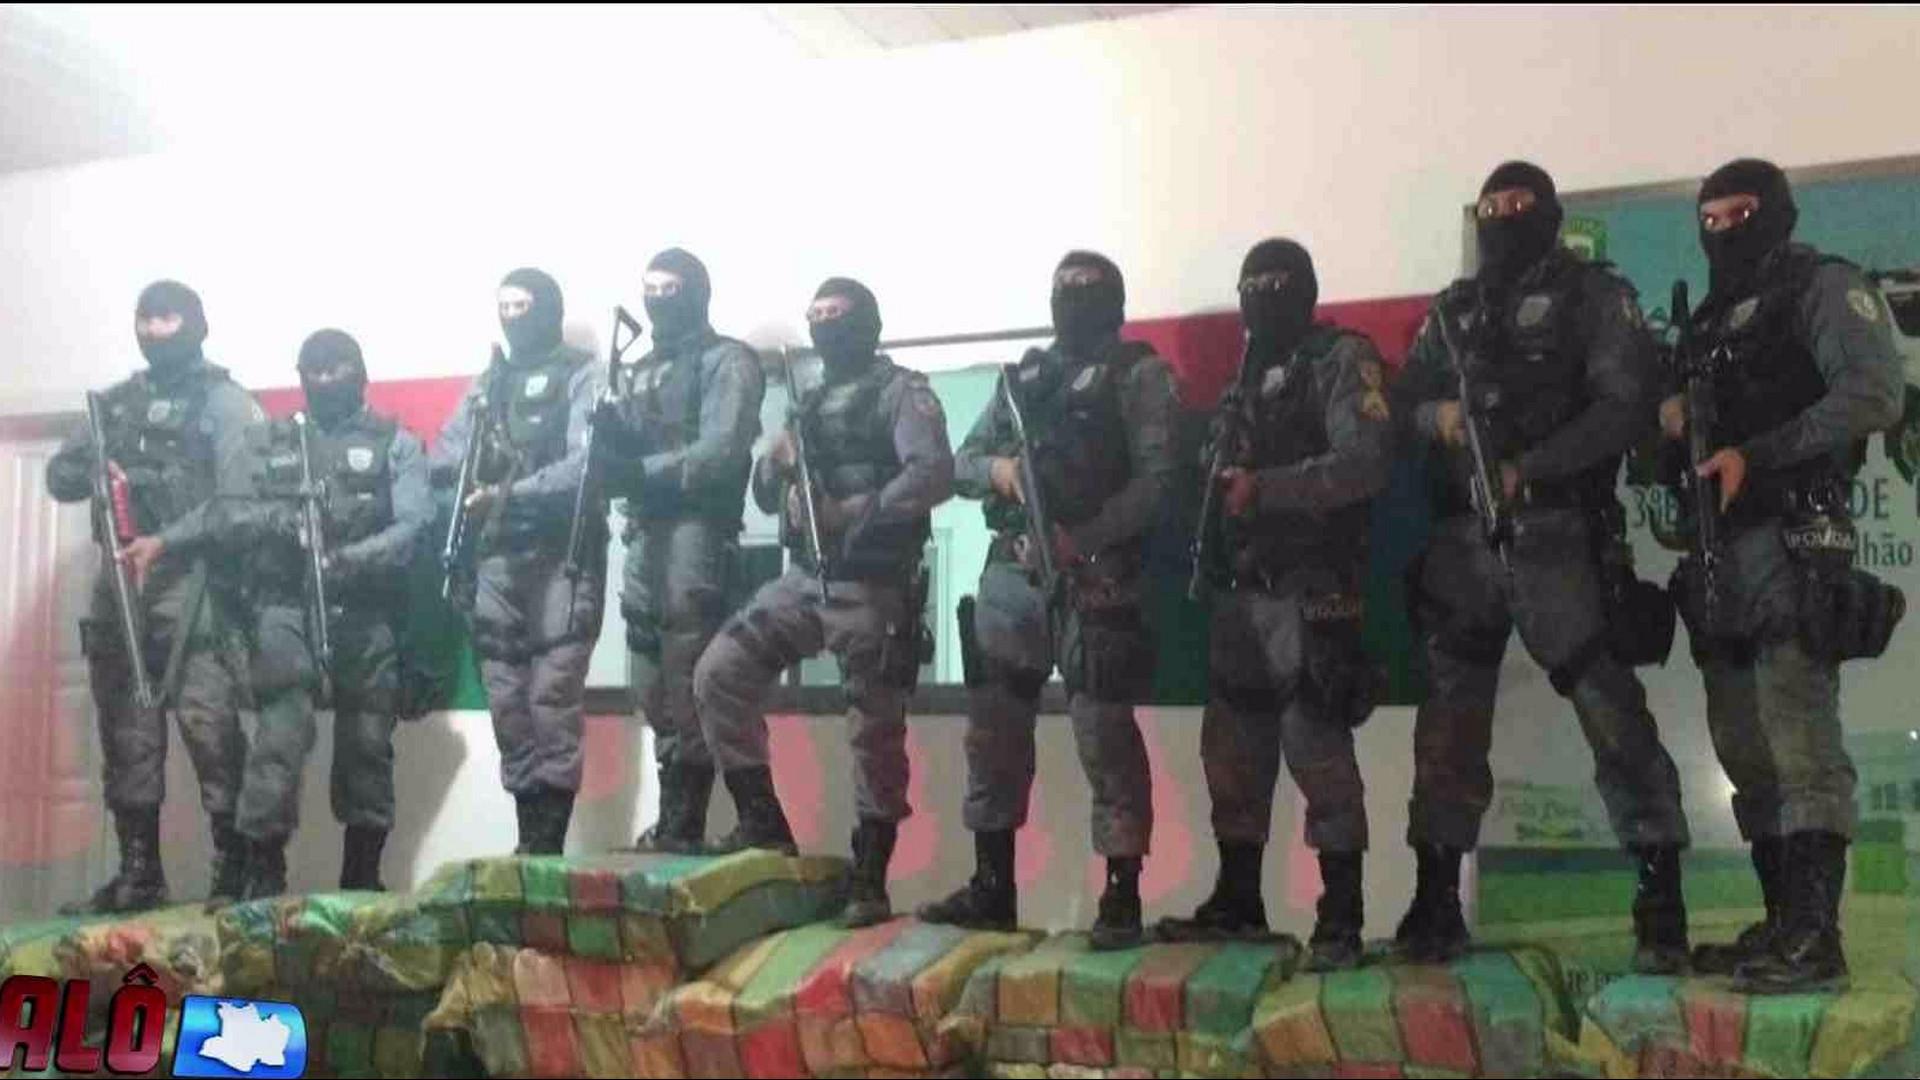 POLÍCIA APREENDE MAIS DE 1 TONELADA DE DROGAS EM MARAÃ - Alô Amazonas - 08/12/17